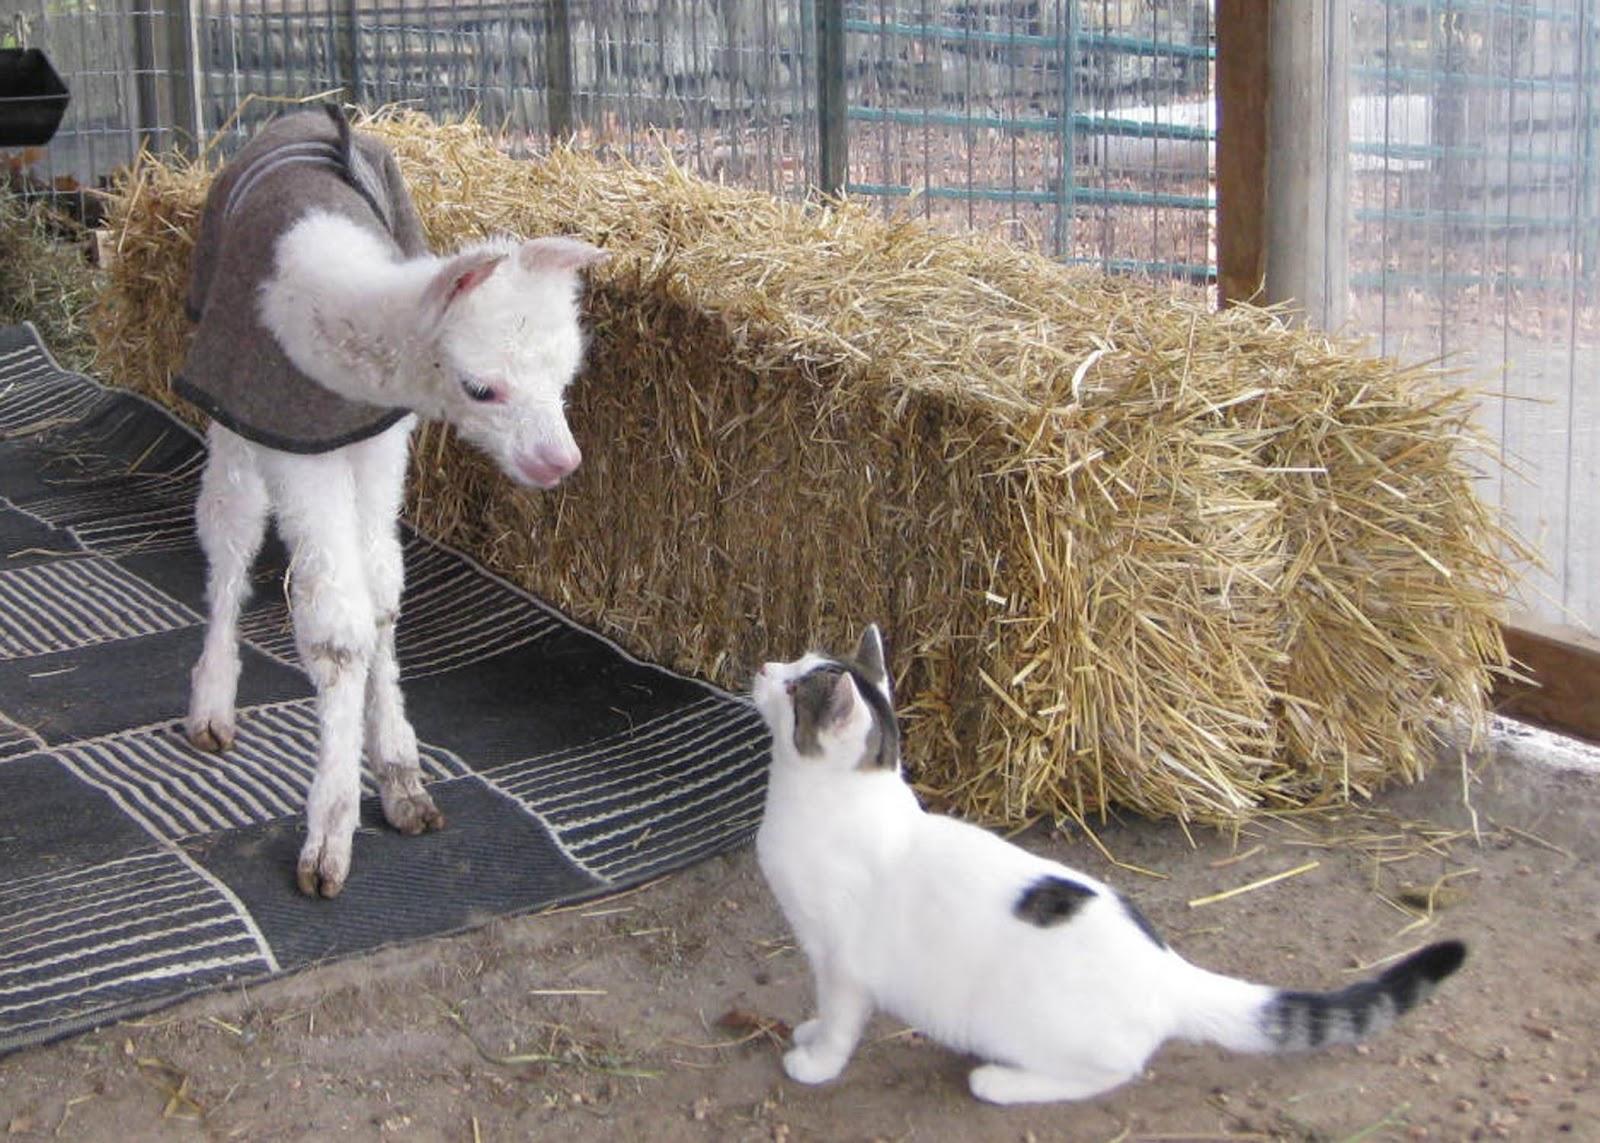 Crafty Alpacas: BABY ALPACA MEETS CAT (#Cute)